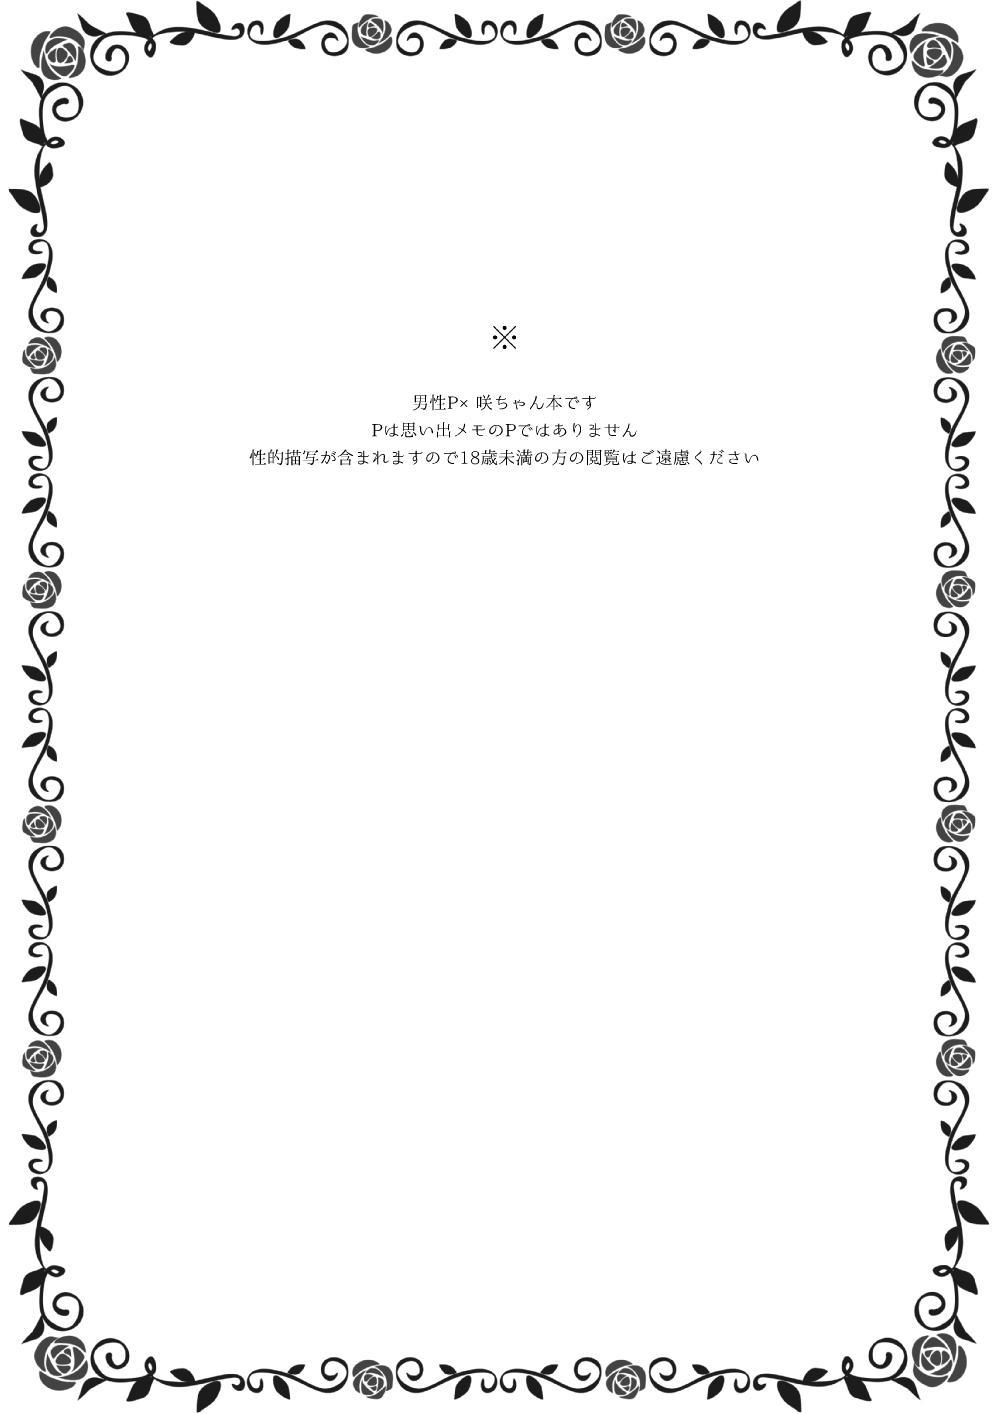 Onnanoko no kimochi 1